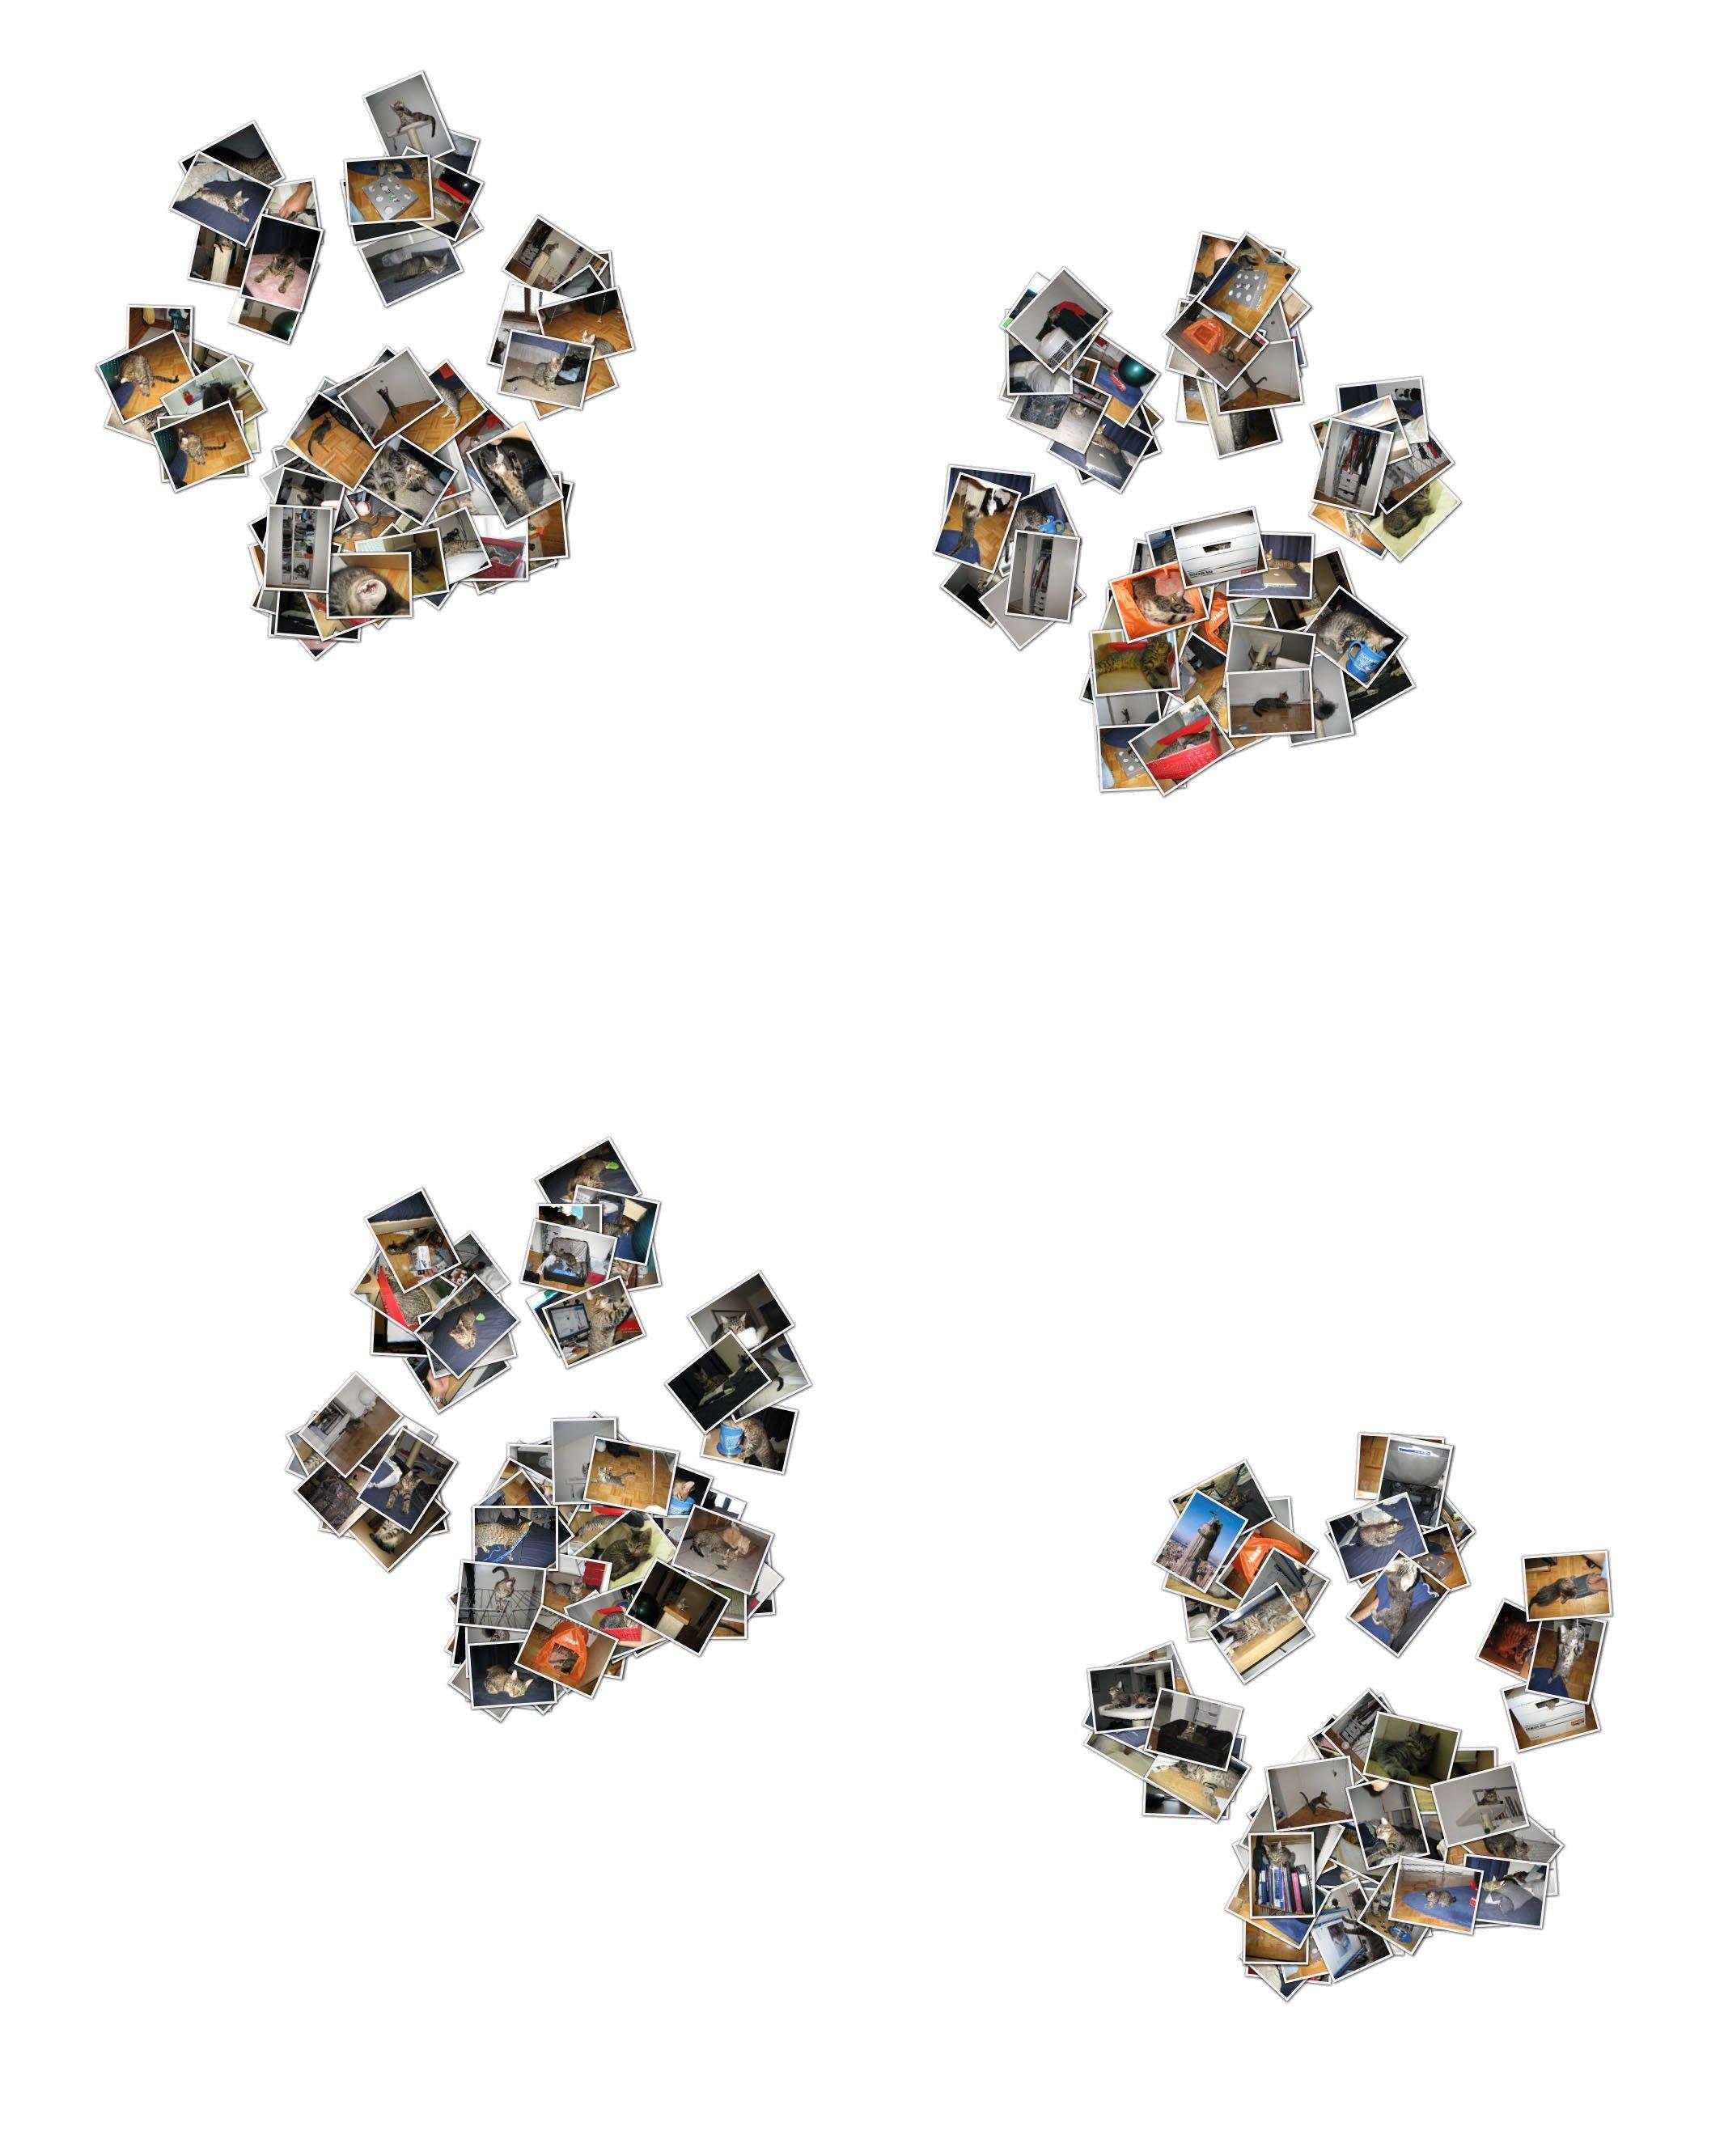 Стеллаж-перегородка для комнаты (40 фото)